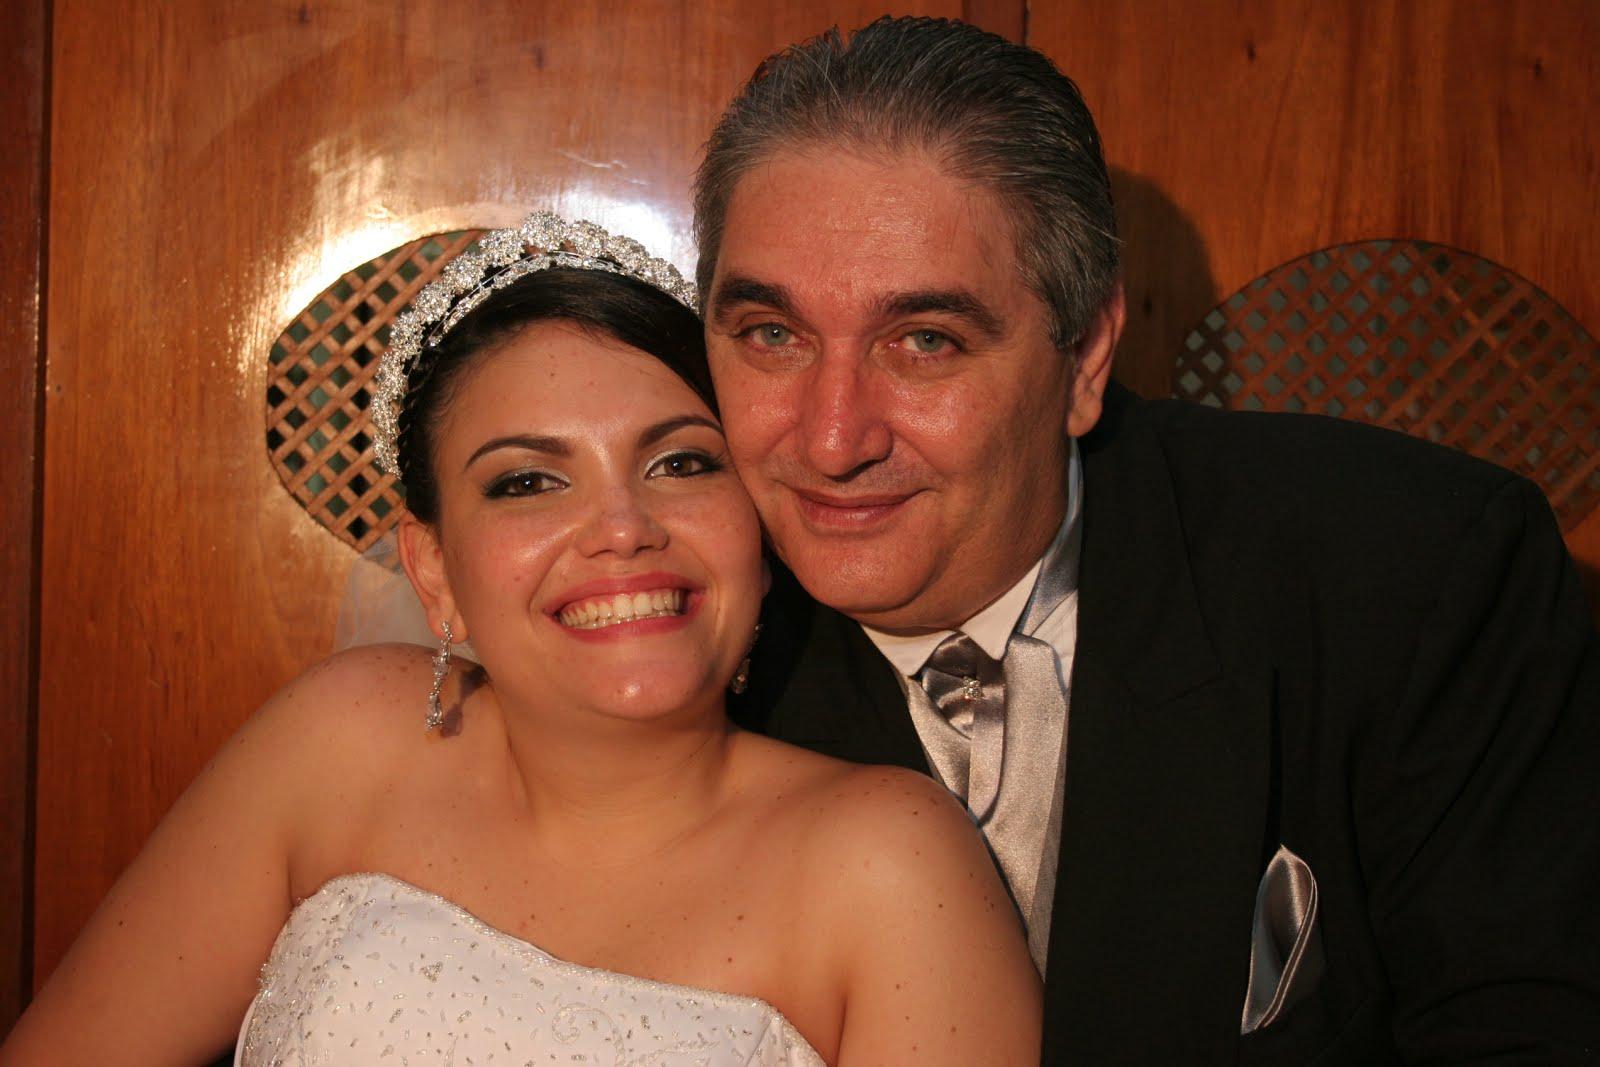 Eu e Juliana em seu casamento. 02.12.2006